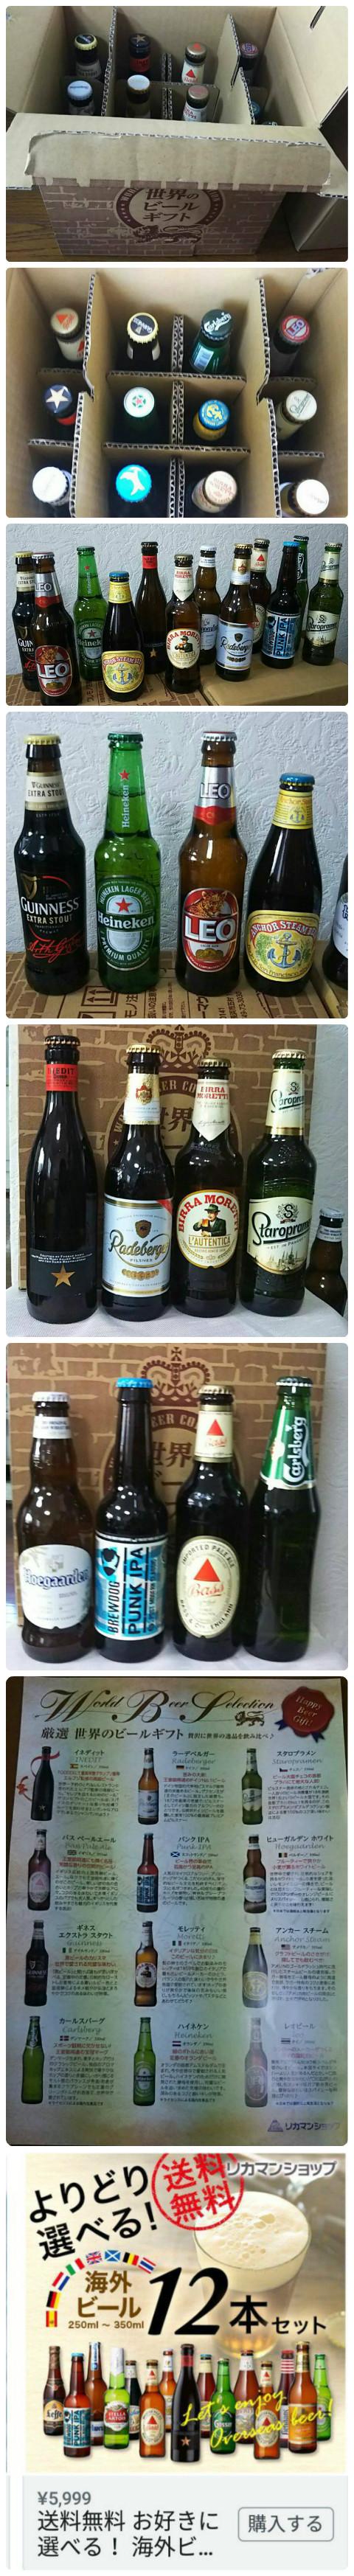 平成30年5月22日世界のビール